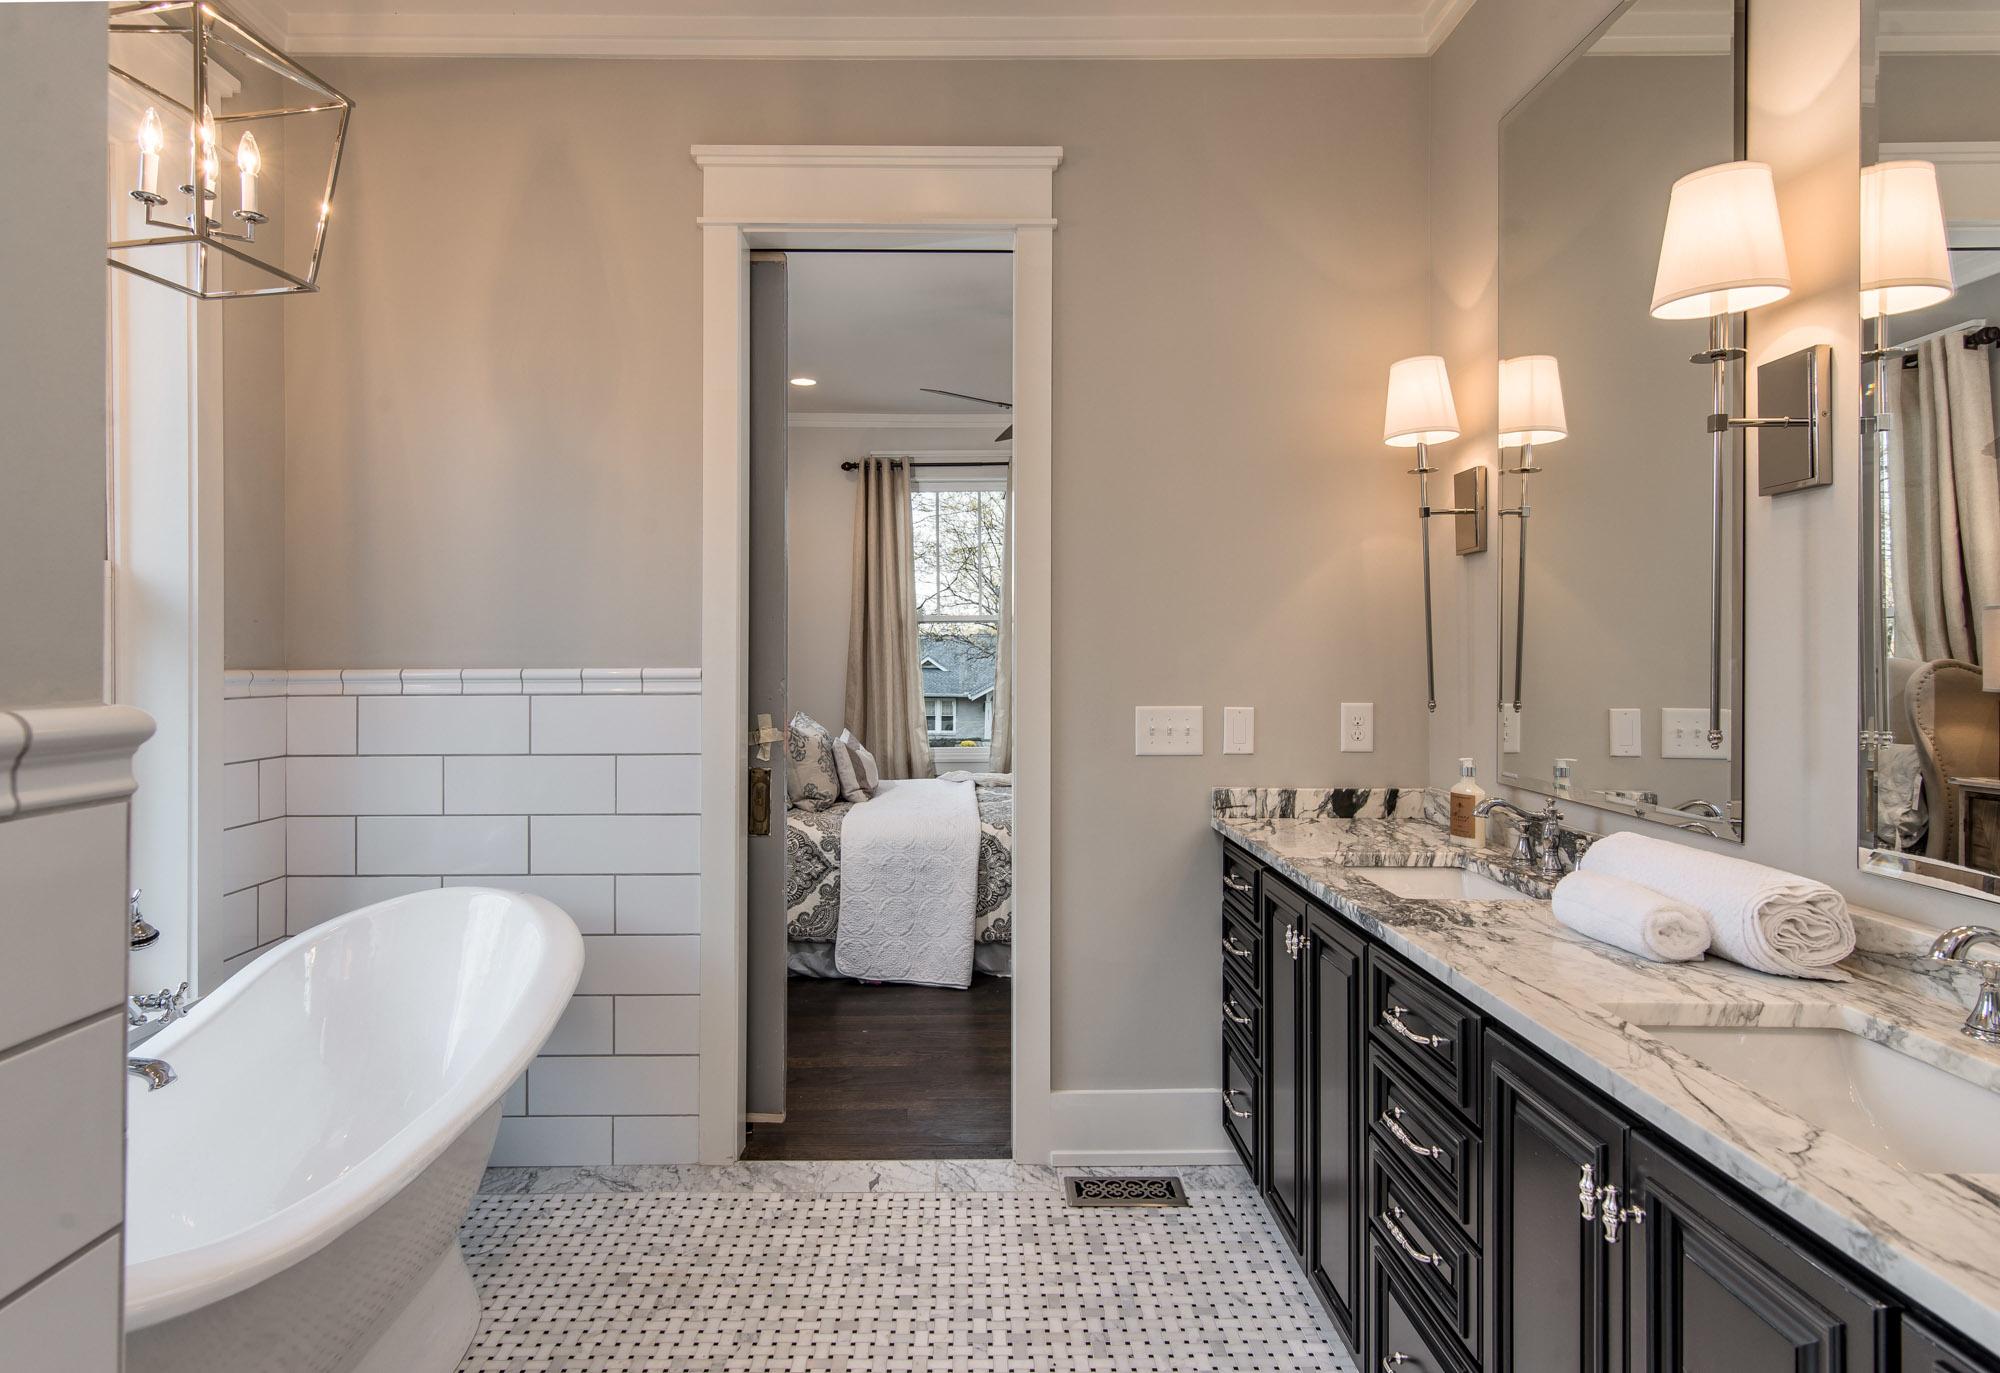 nashville-home-remodel-renovation-custom-home-tennessee-britt-development-group-1040.jpg